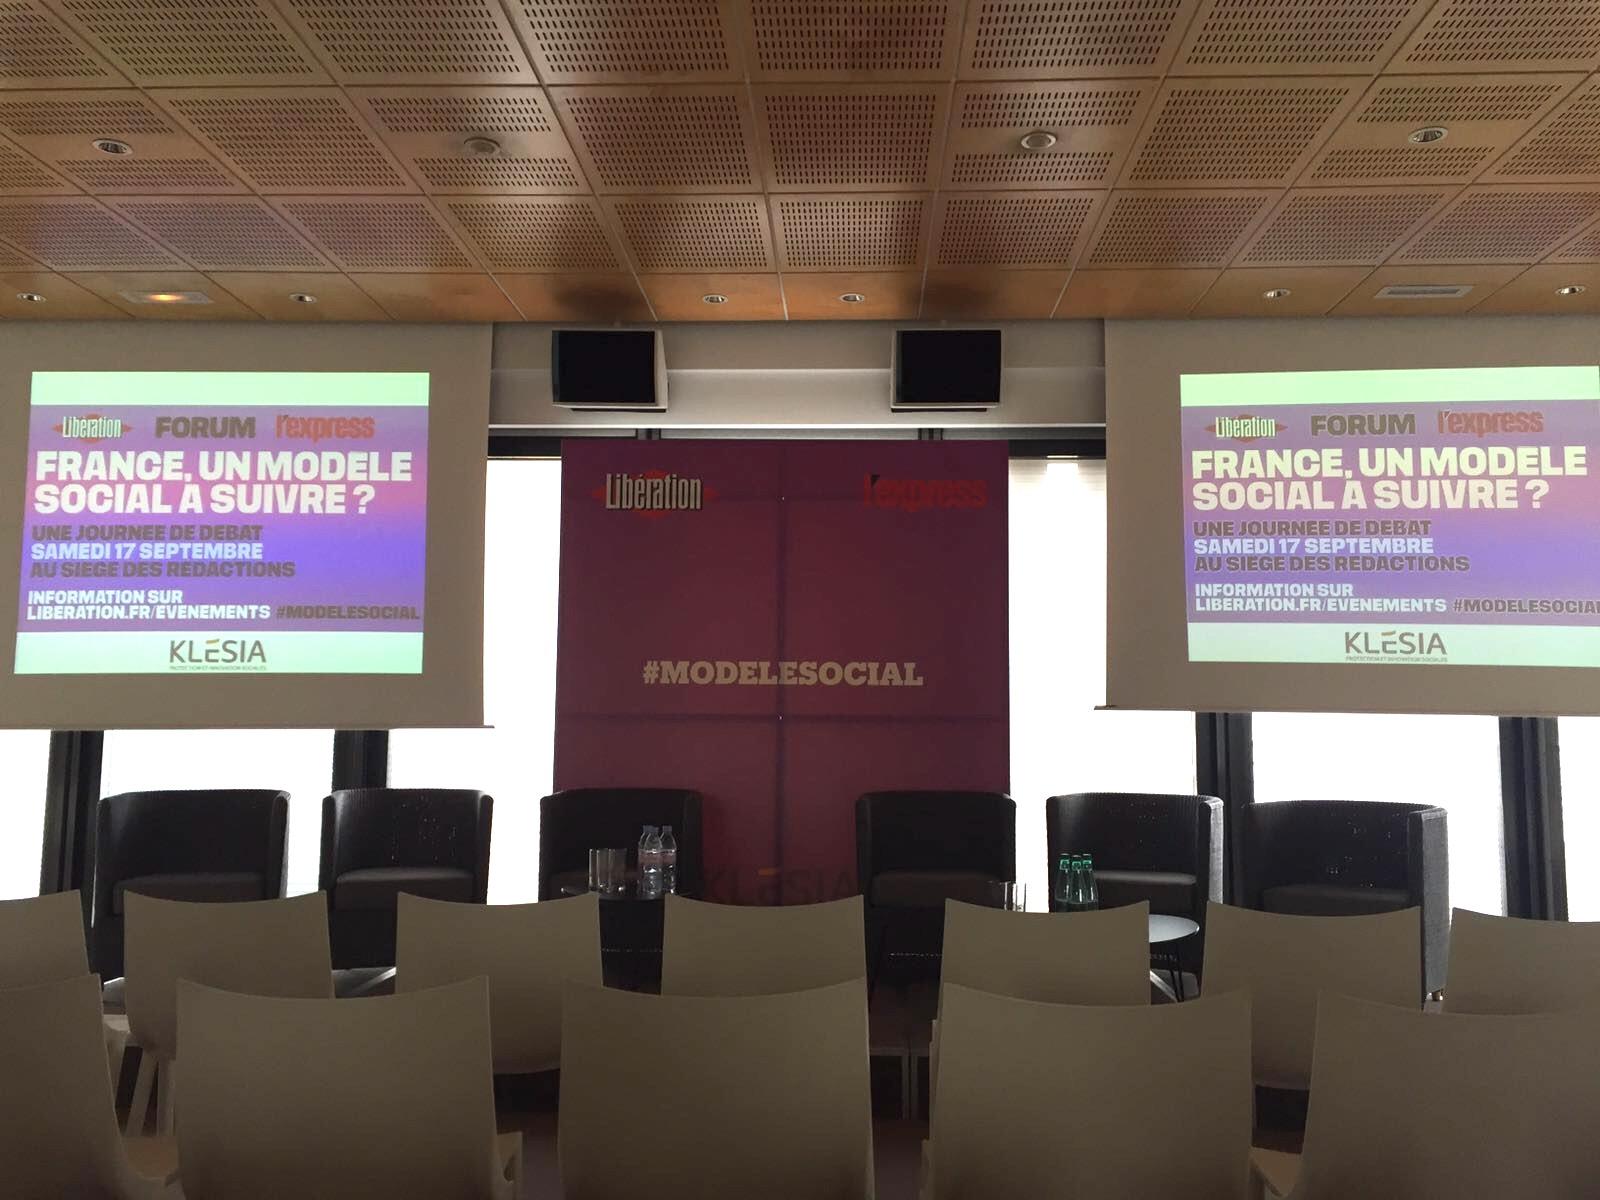 La salle du 6e étage de Libération, avant le début des débats. Photo : DSJC.